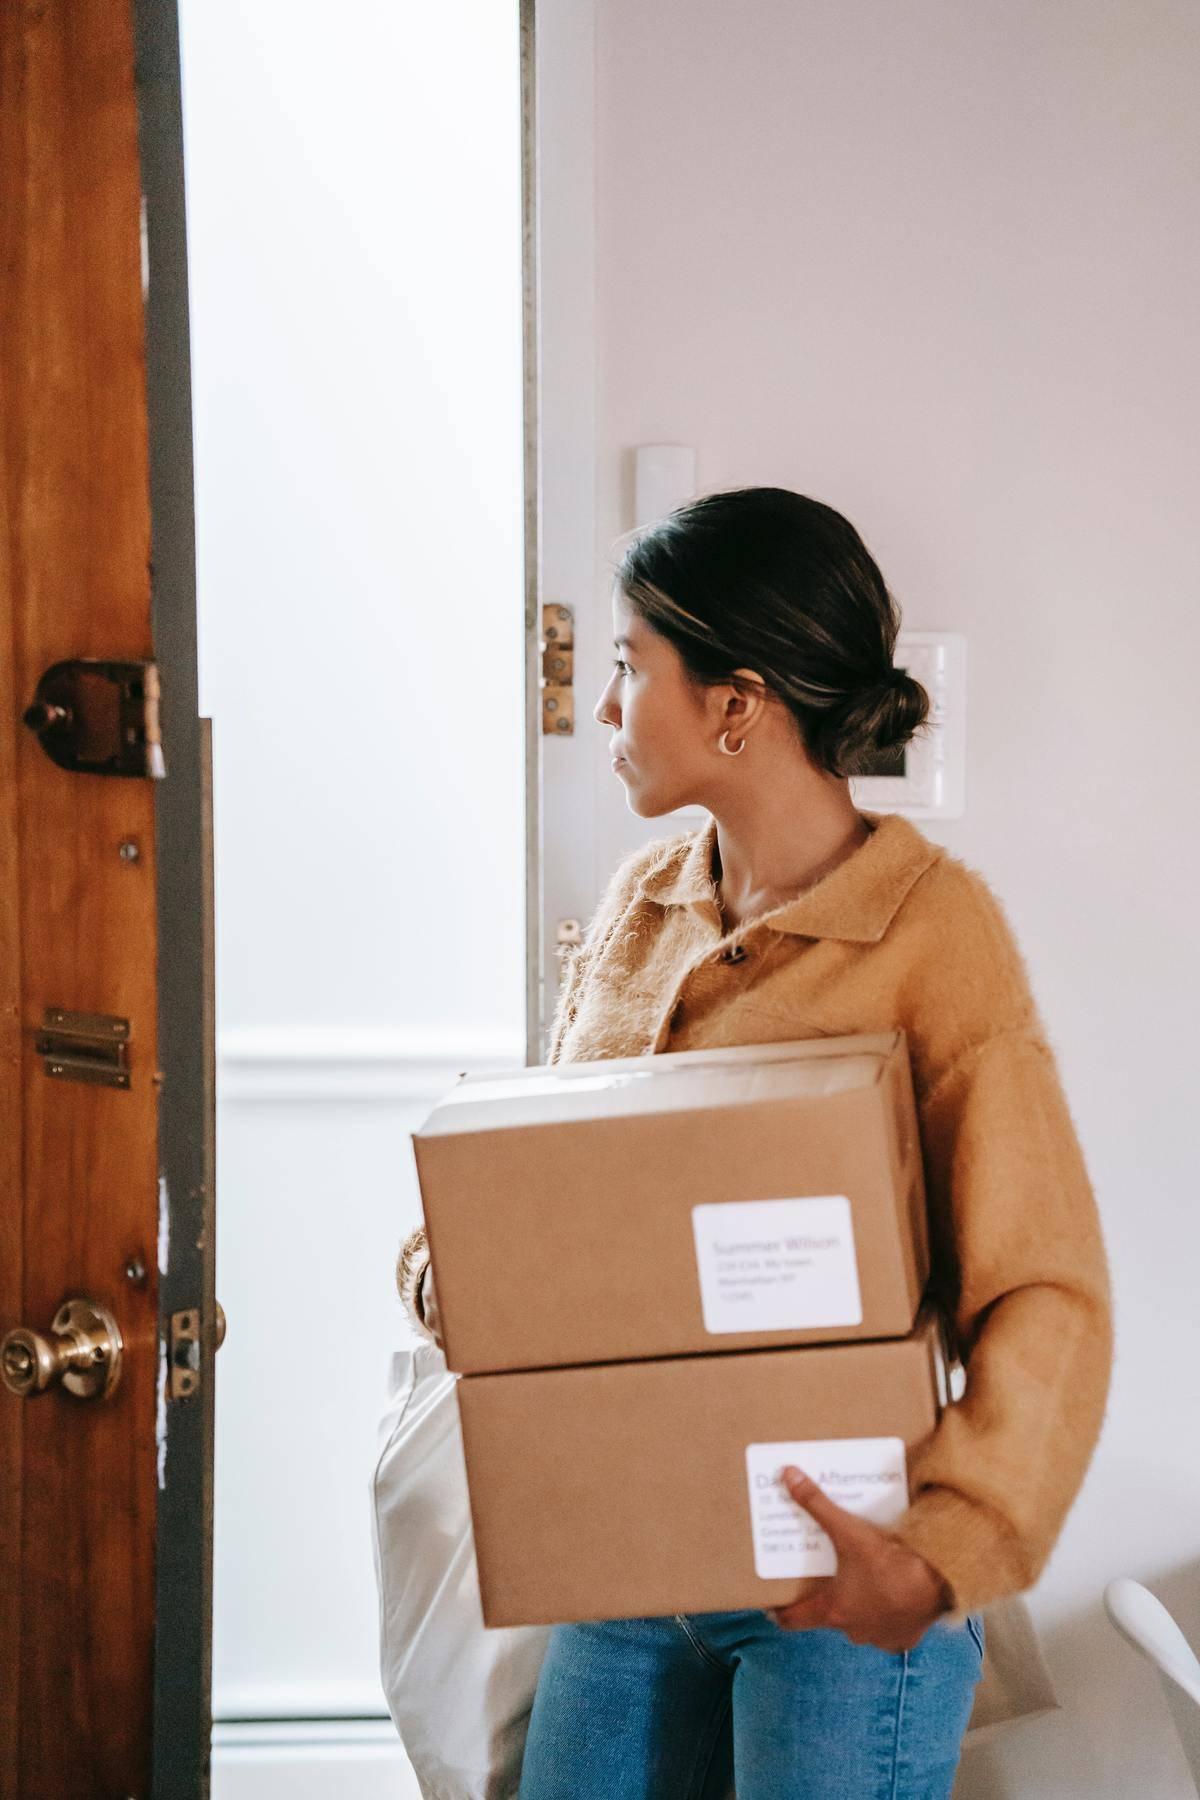 Woman holding package looking in open door